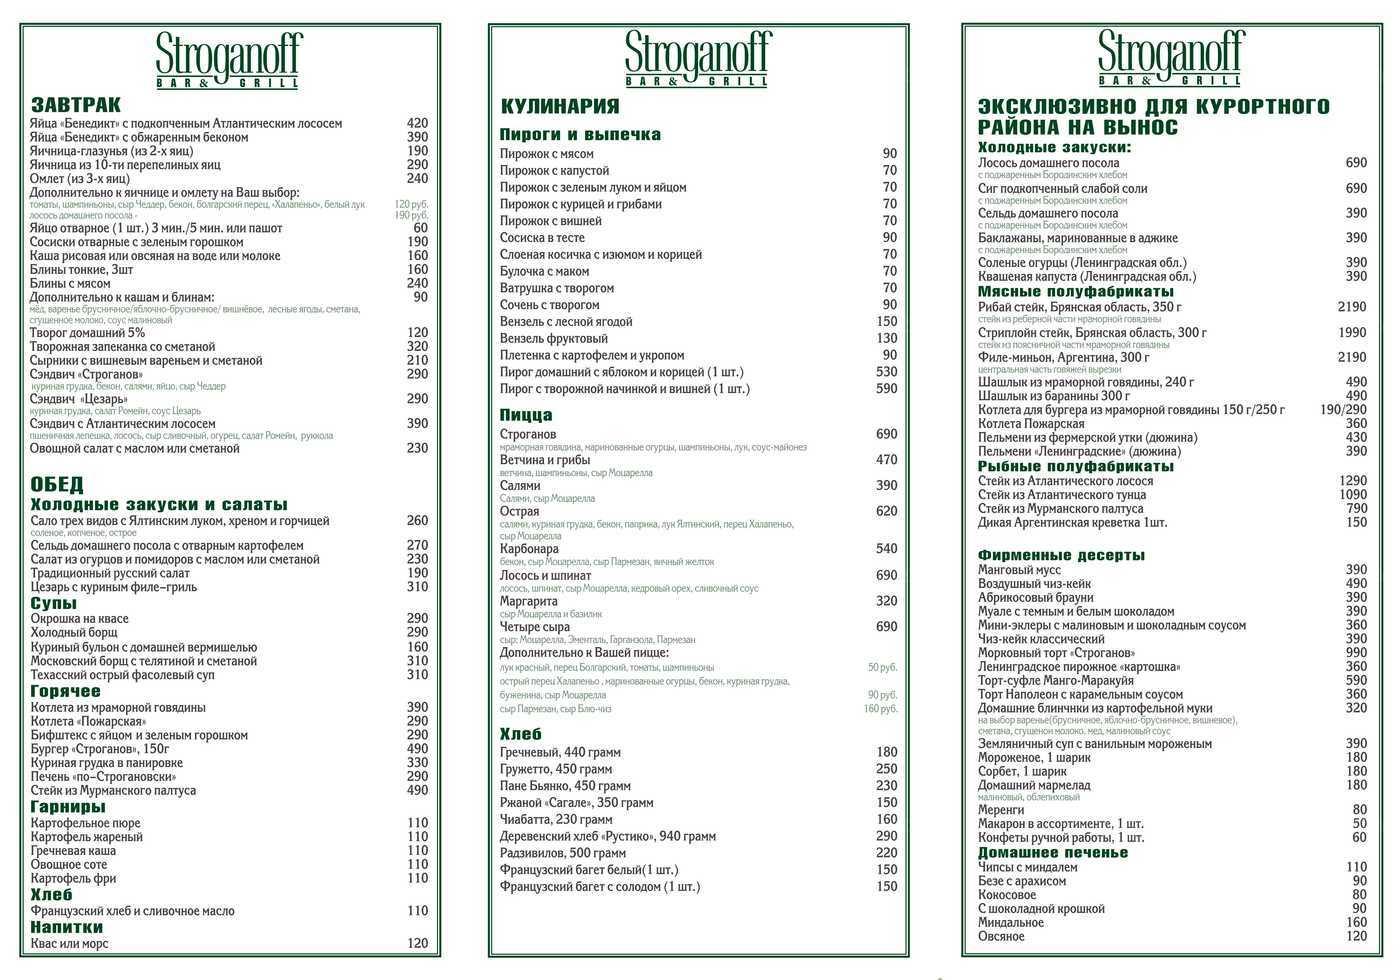 Меню ресторана Строганов Бар и Гриль в поселке Репино, на Приморском шоссе фото 2